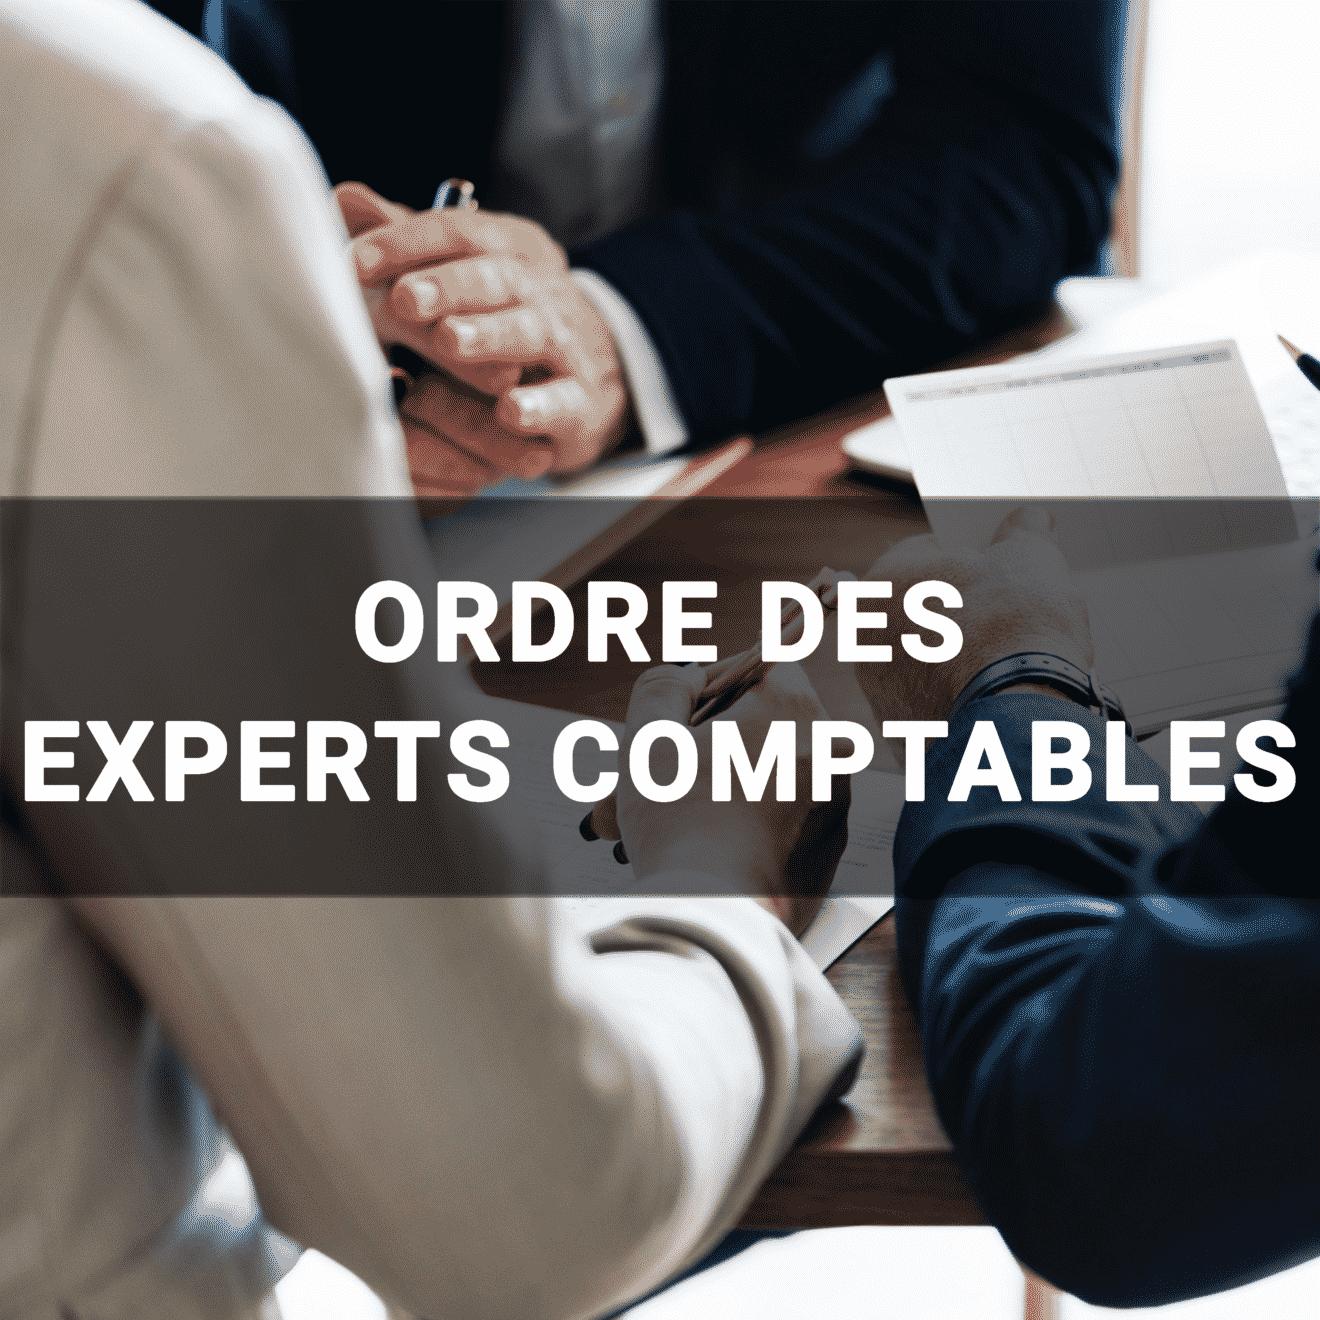 Rendez-vous professionnel - Ordre des expert comptable